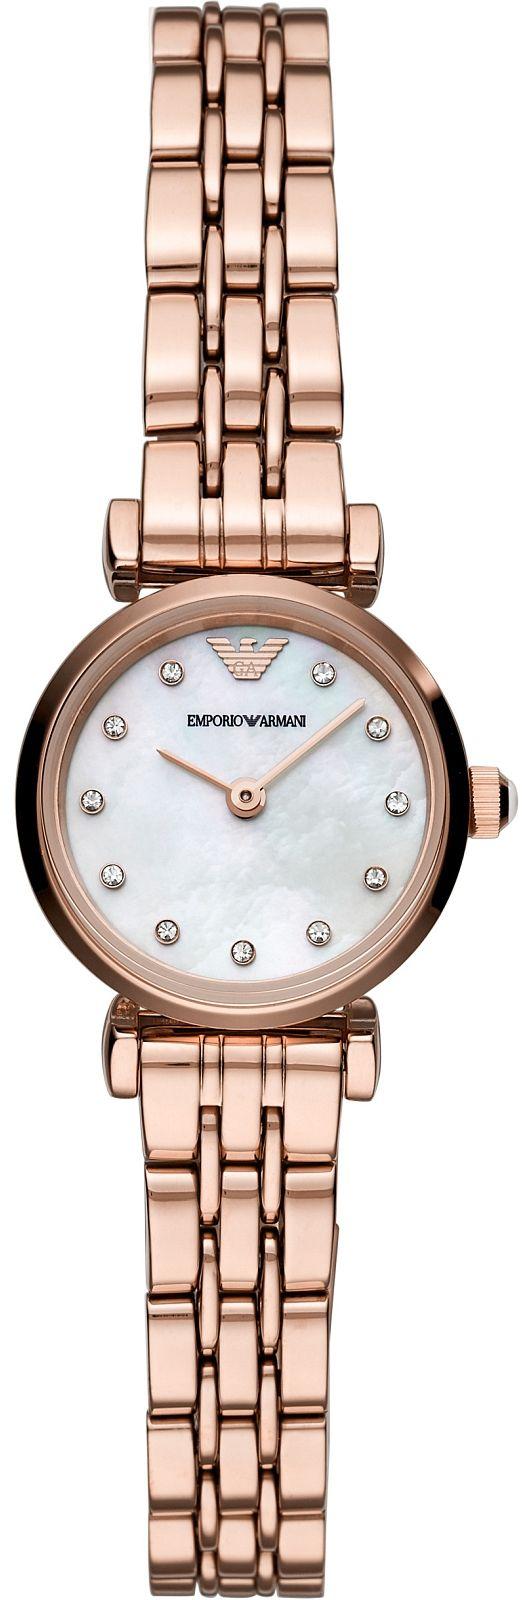 Zegarek Emporio Armani AR11203 > Darmowa dostawa UPS Darmowy zwrot UPS przez 100 DNI Odbierz w salonie w Warszawie